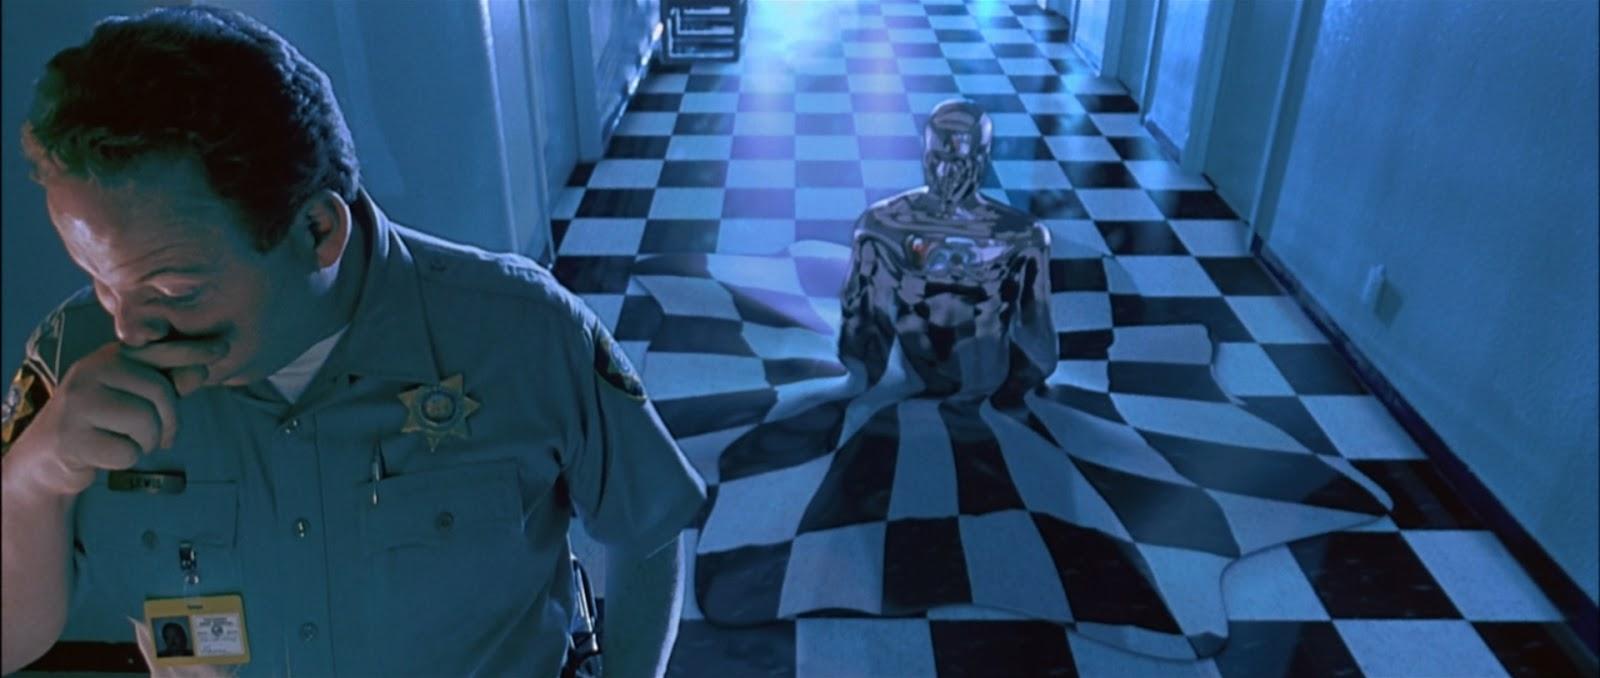 0a29aa9f65c46999e122710d1658e2a2 - Científicos logran crear gotas de metal líquido que pueden moverse como el T-1000